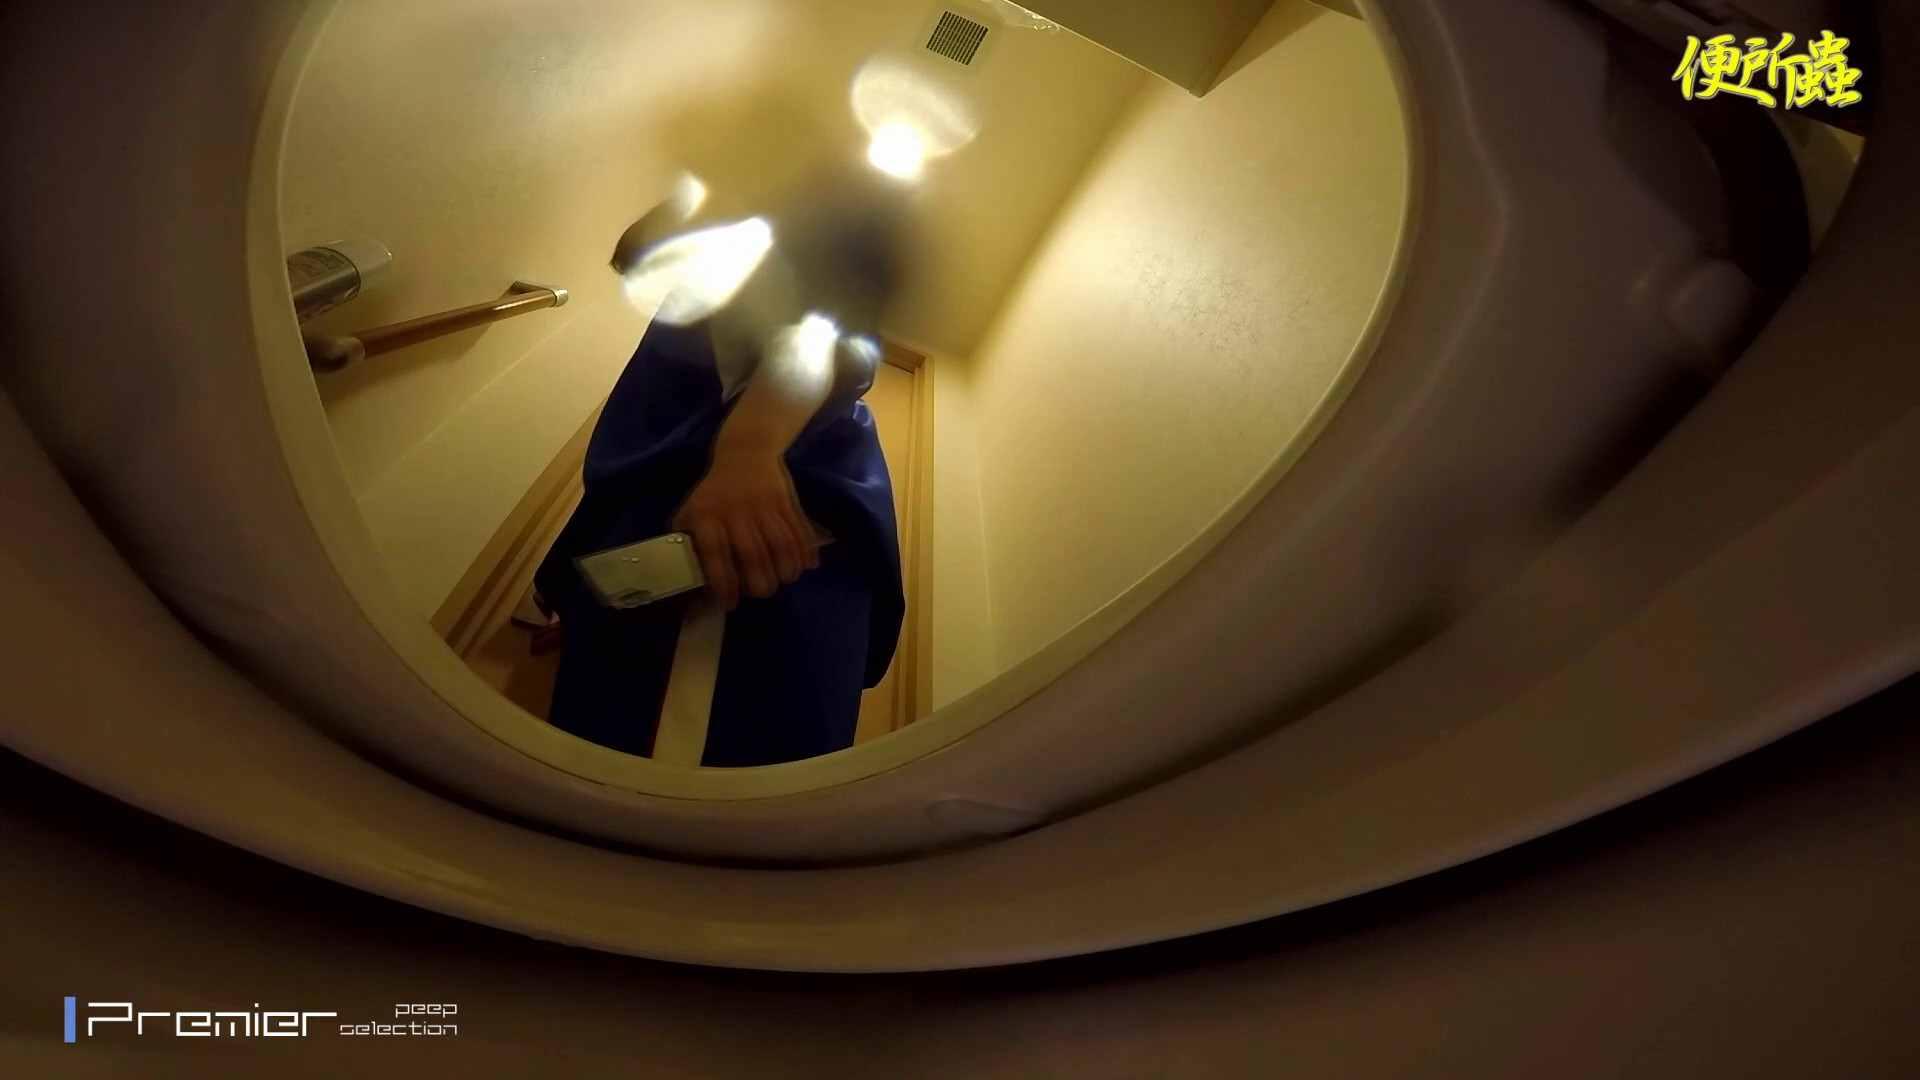 【洗面所盗撮】便所蟲さんリターン vol.24 便所ハメ撮り   盗撮エロすぎ  85連発 49